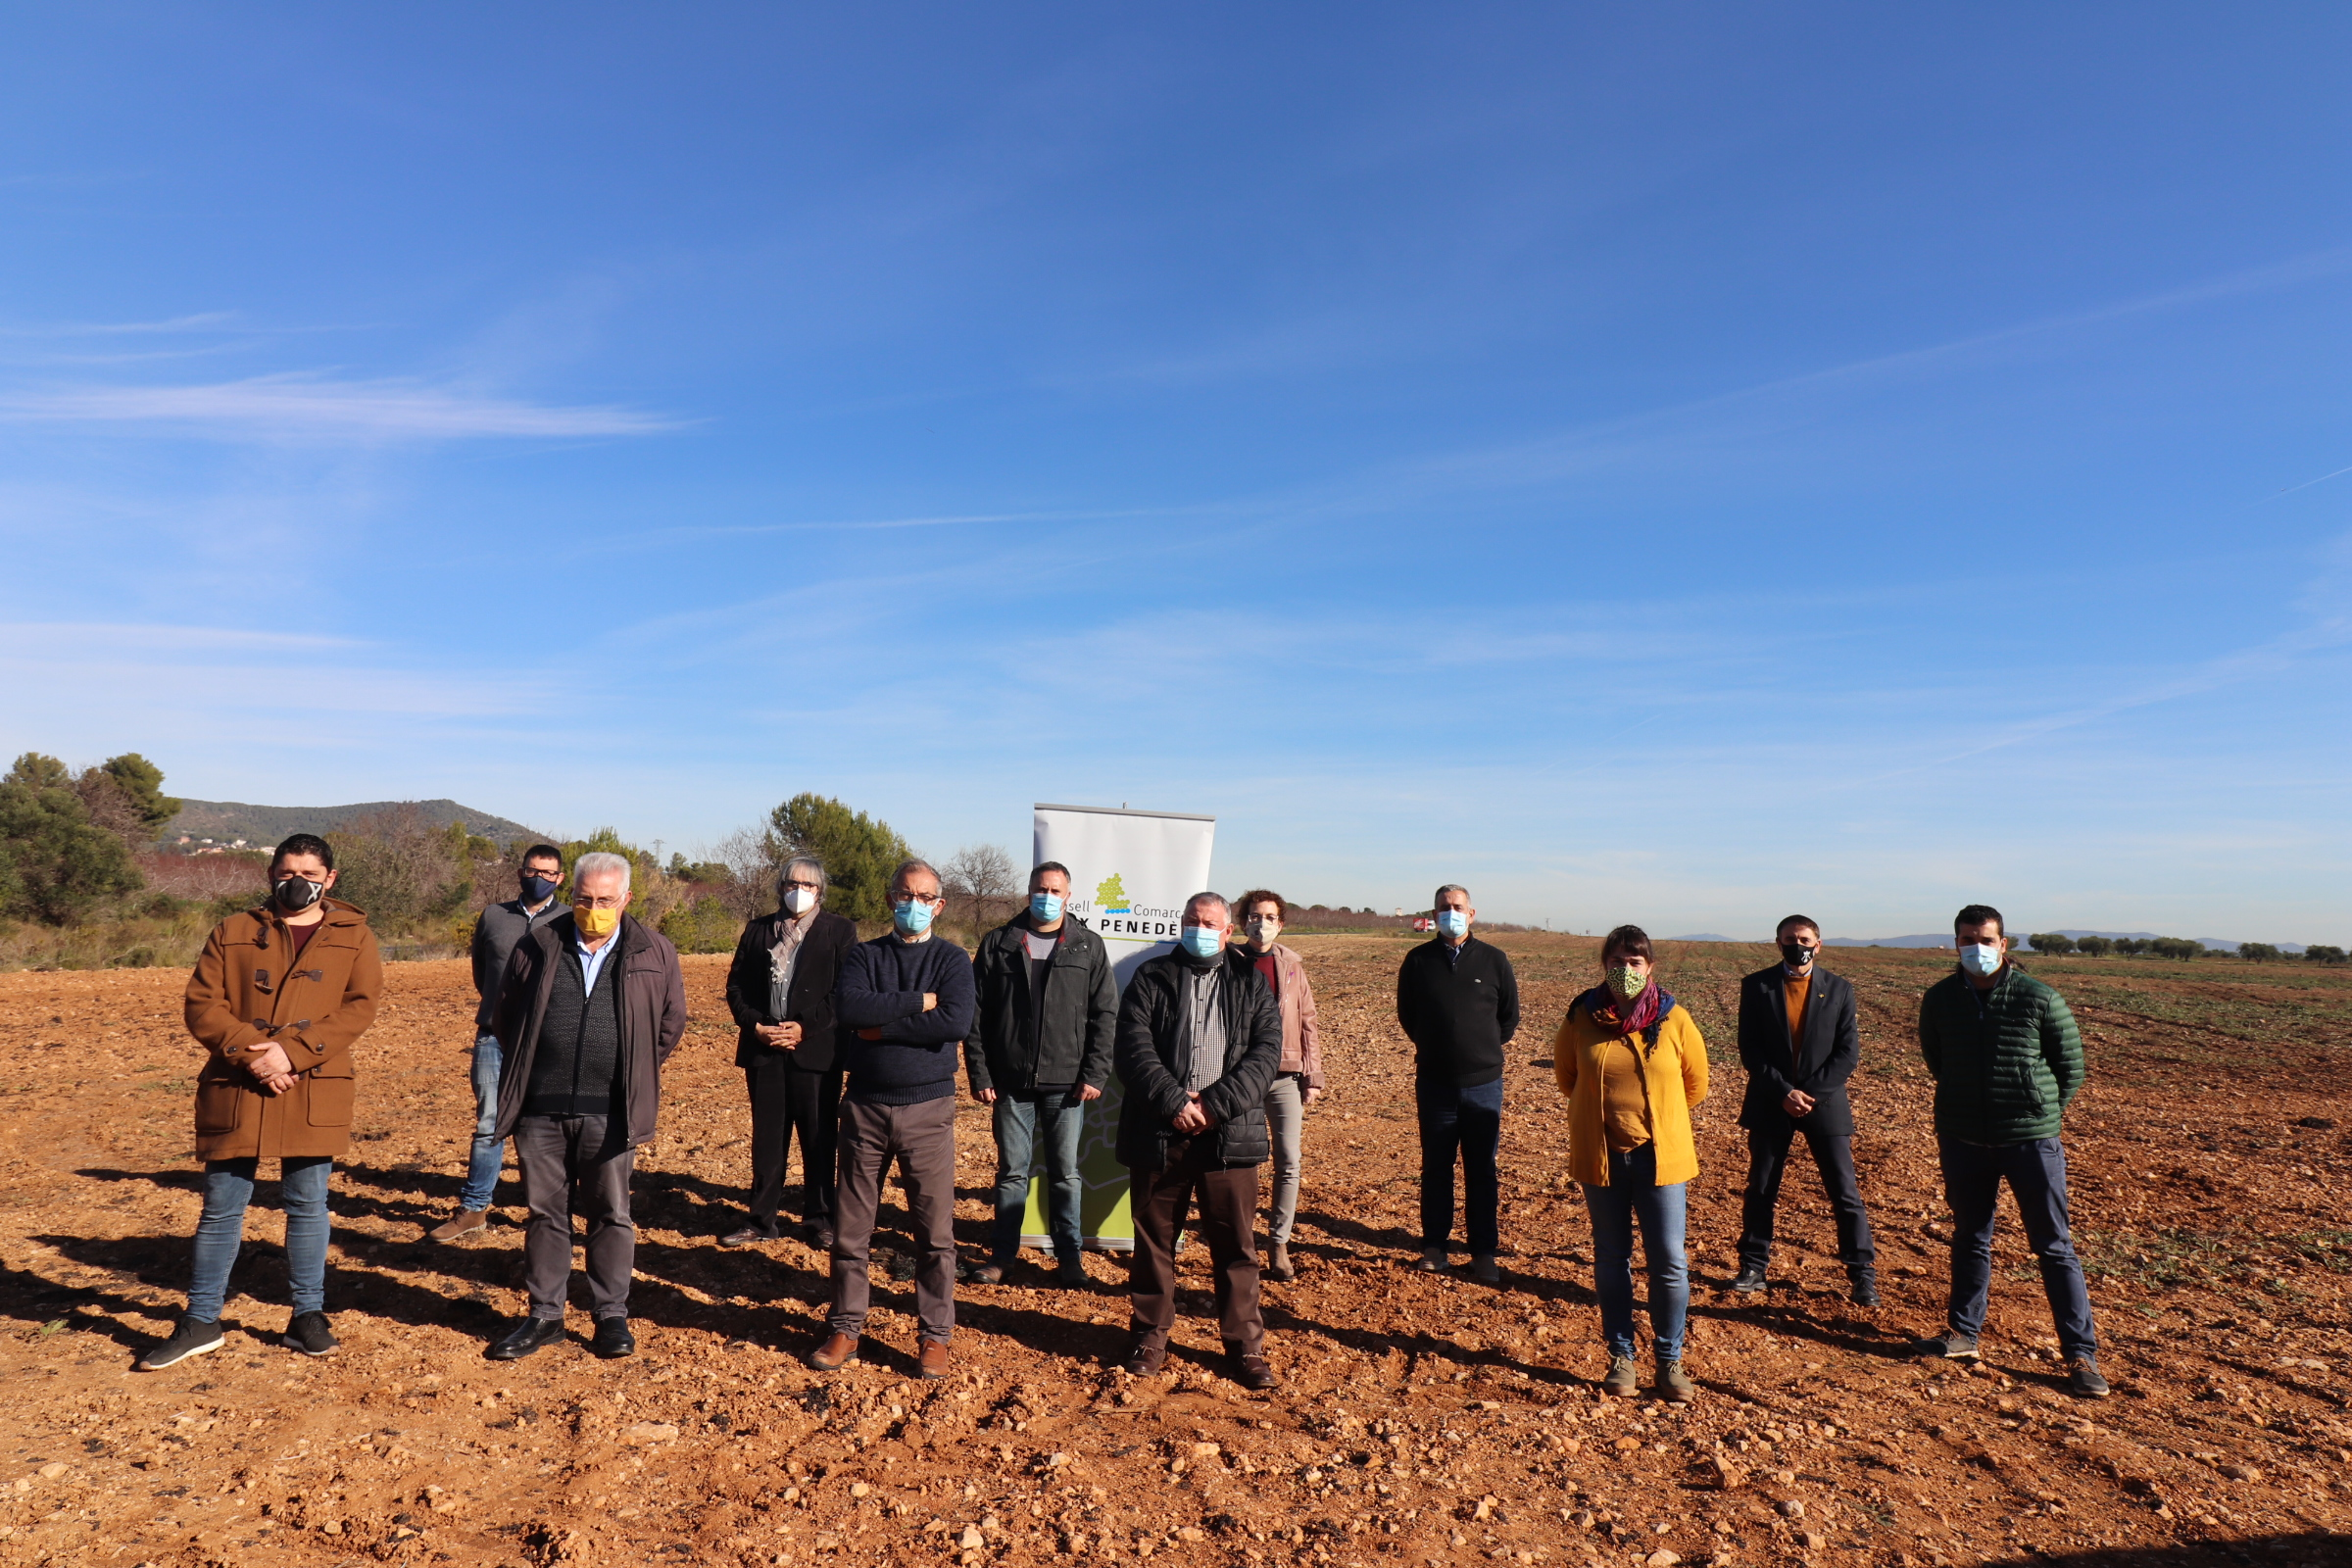 Els alcaldes i alcaldesses del Baix Penedès fan un front comú perquè la instal·lació de parcs fotovoltaics estigui consensuada amb el territori